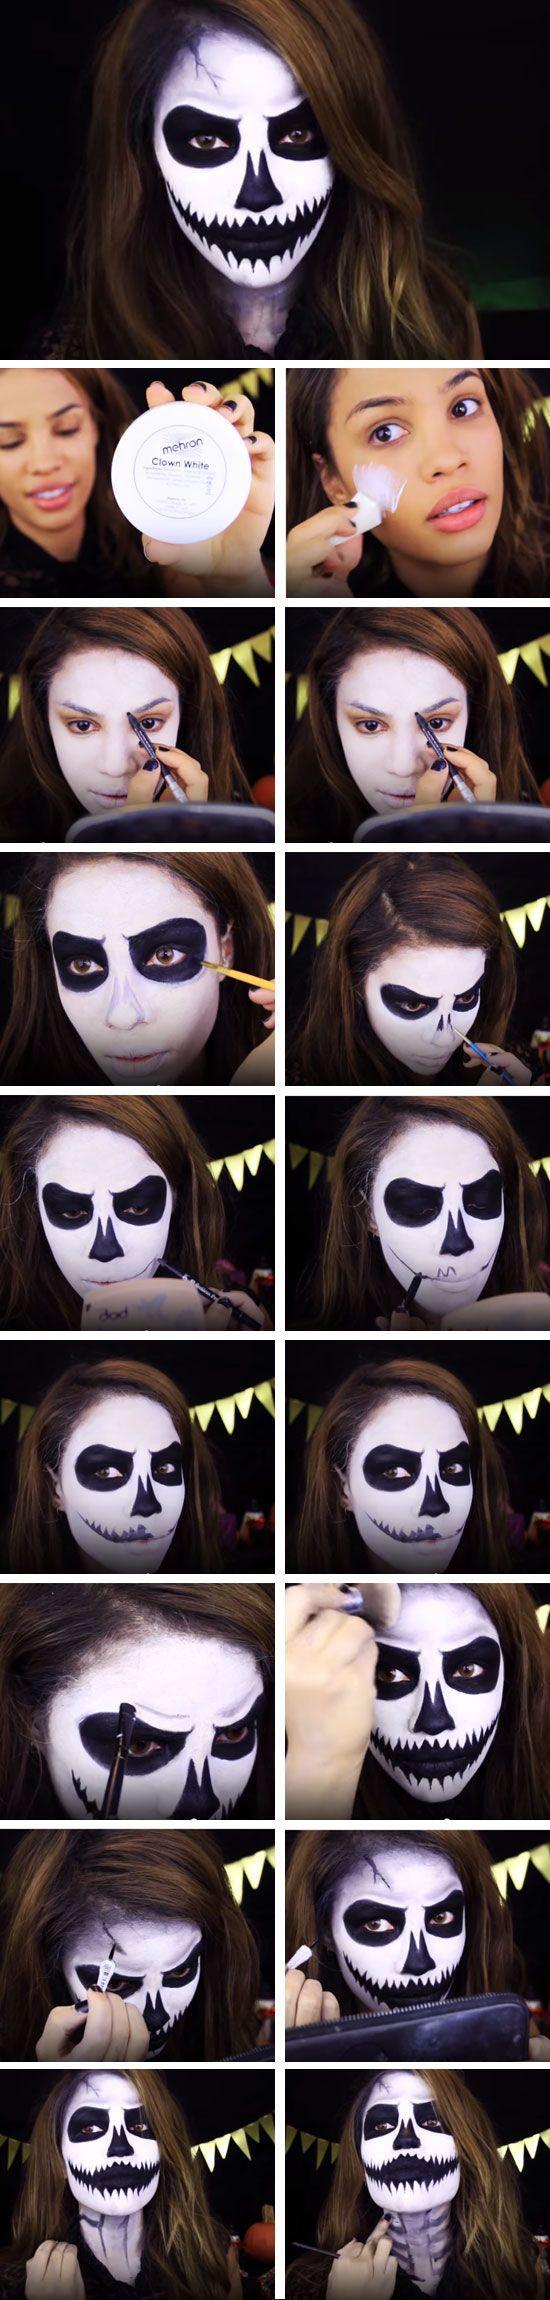 dicas maquiagem dia bruxas 2